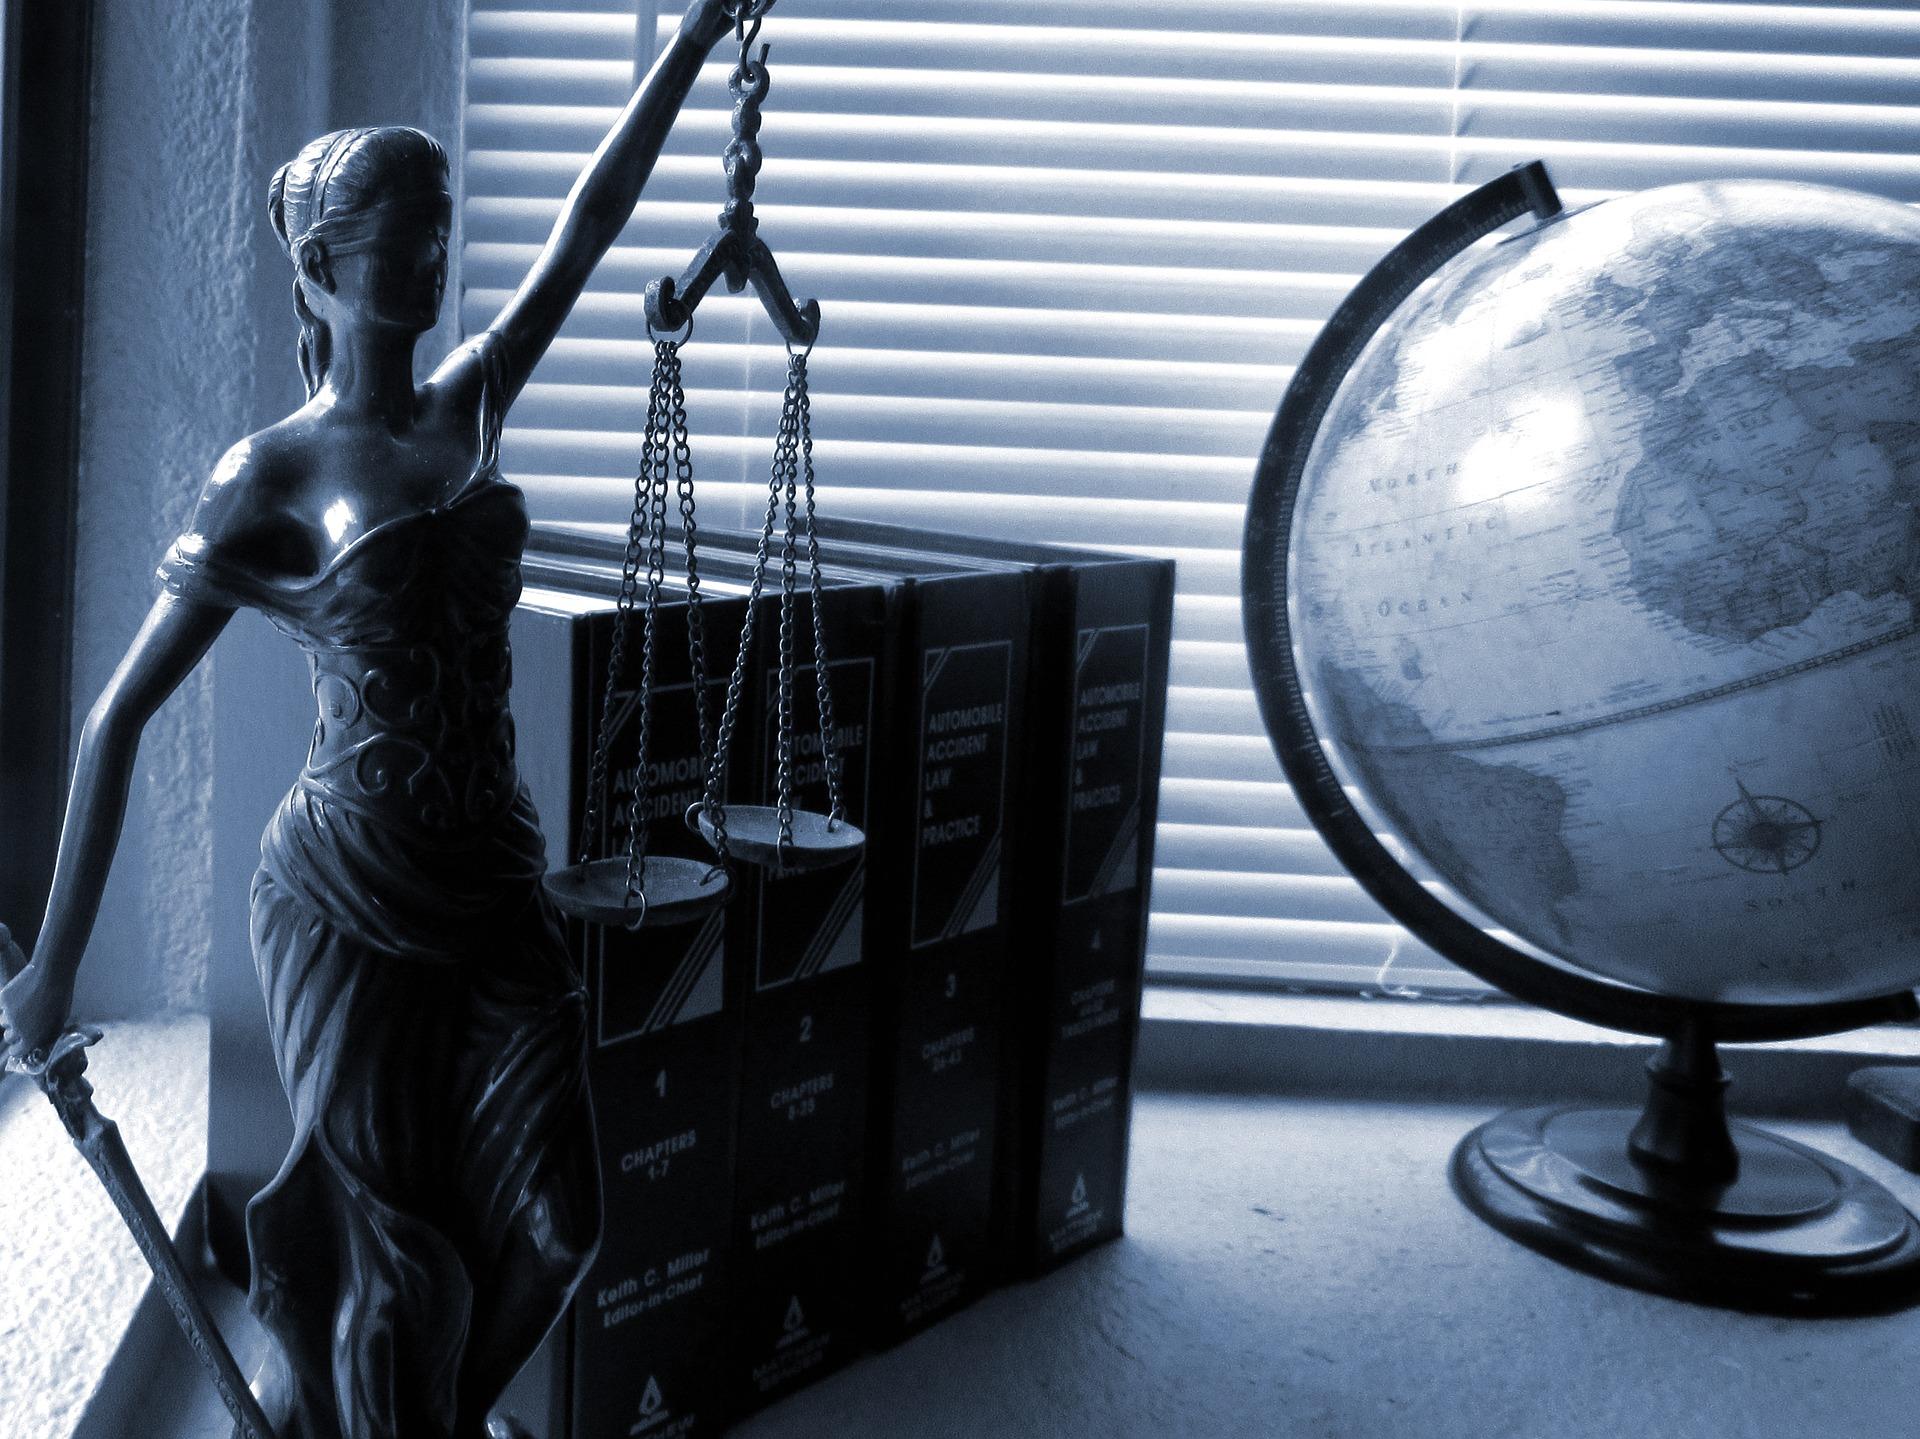 De jure: bjudžet, medreforma ta inši zakonodavči zminy ostannih 7 dniv